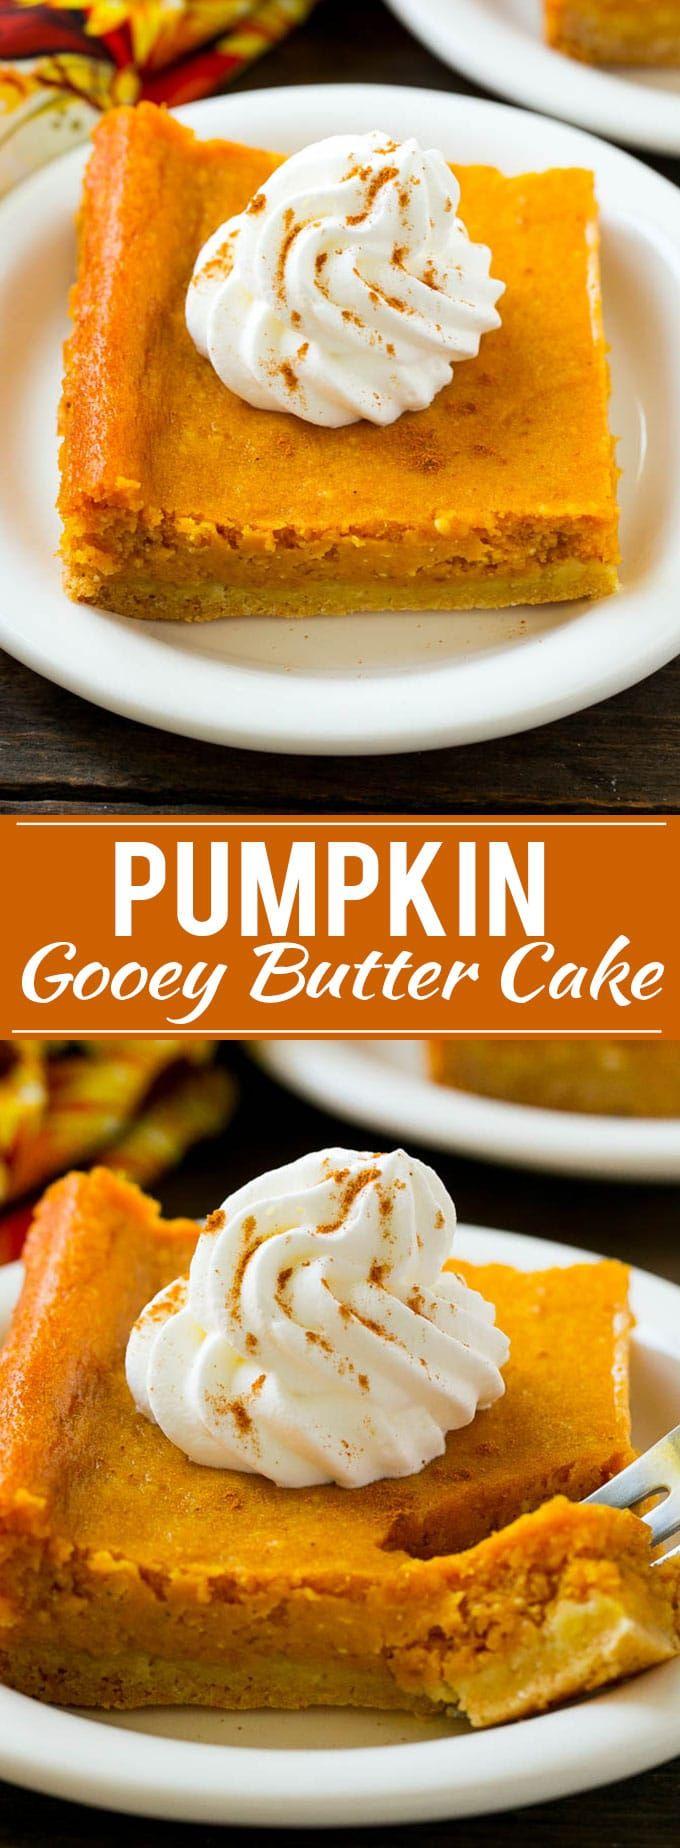 Pumpkin Gooey Butter Cake Recipe | Pumpkin Cake Recipe | Gooey Butter Cake | Pumpkin Dessert | Thanksgiving Dessert